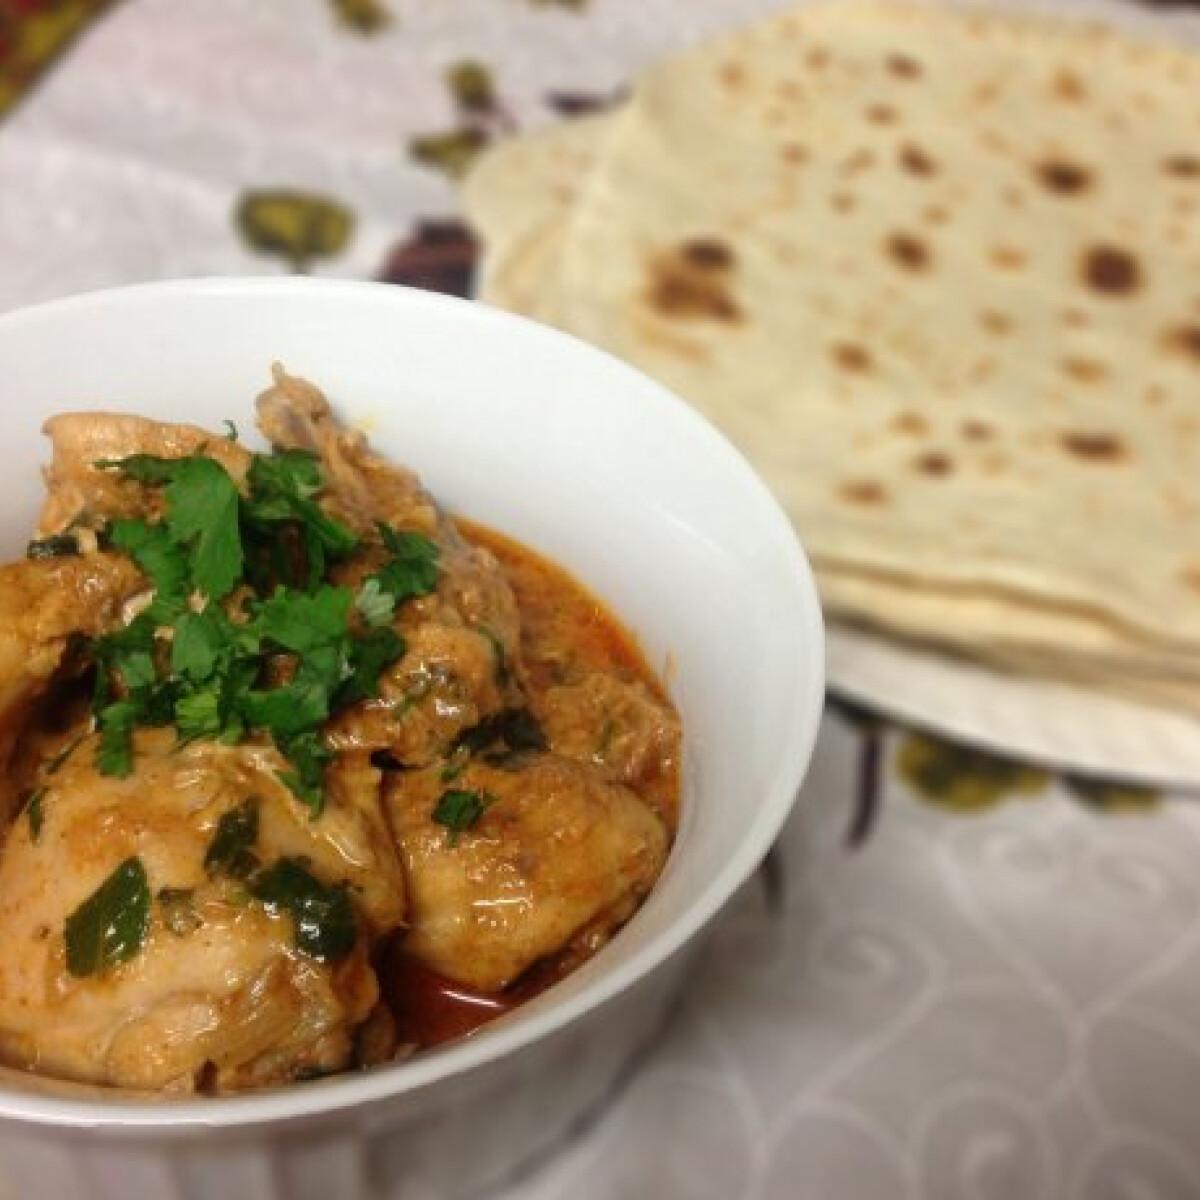 Ezen a képen: Chicken curry